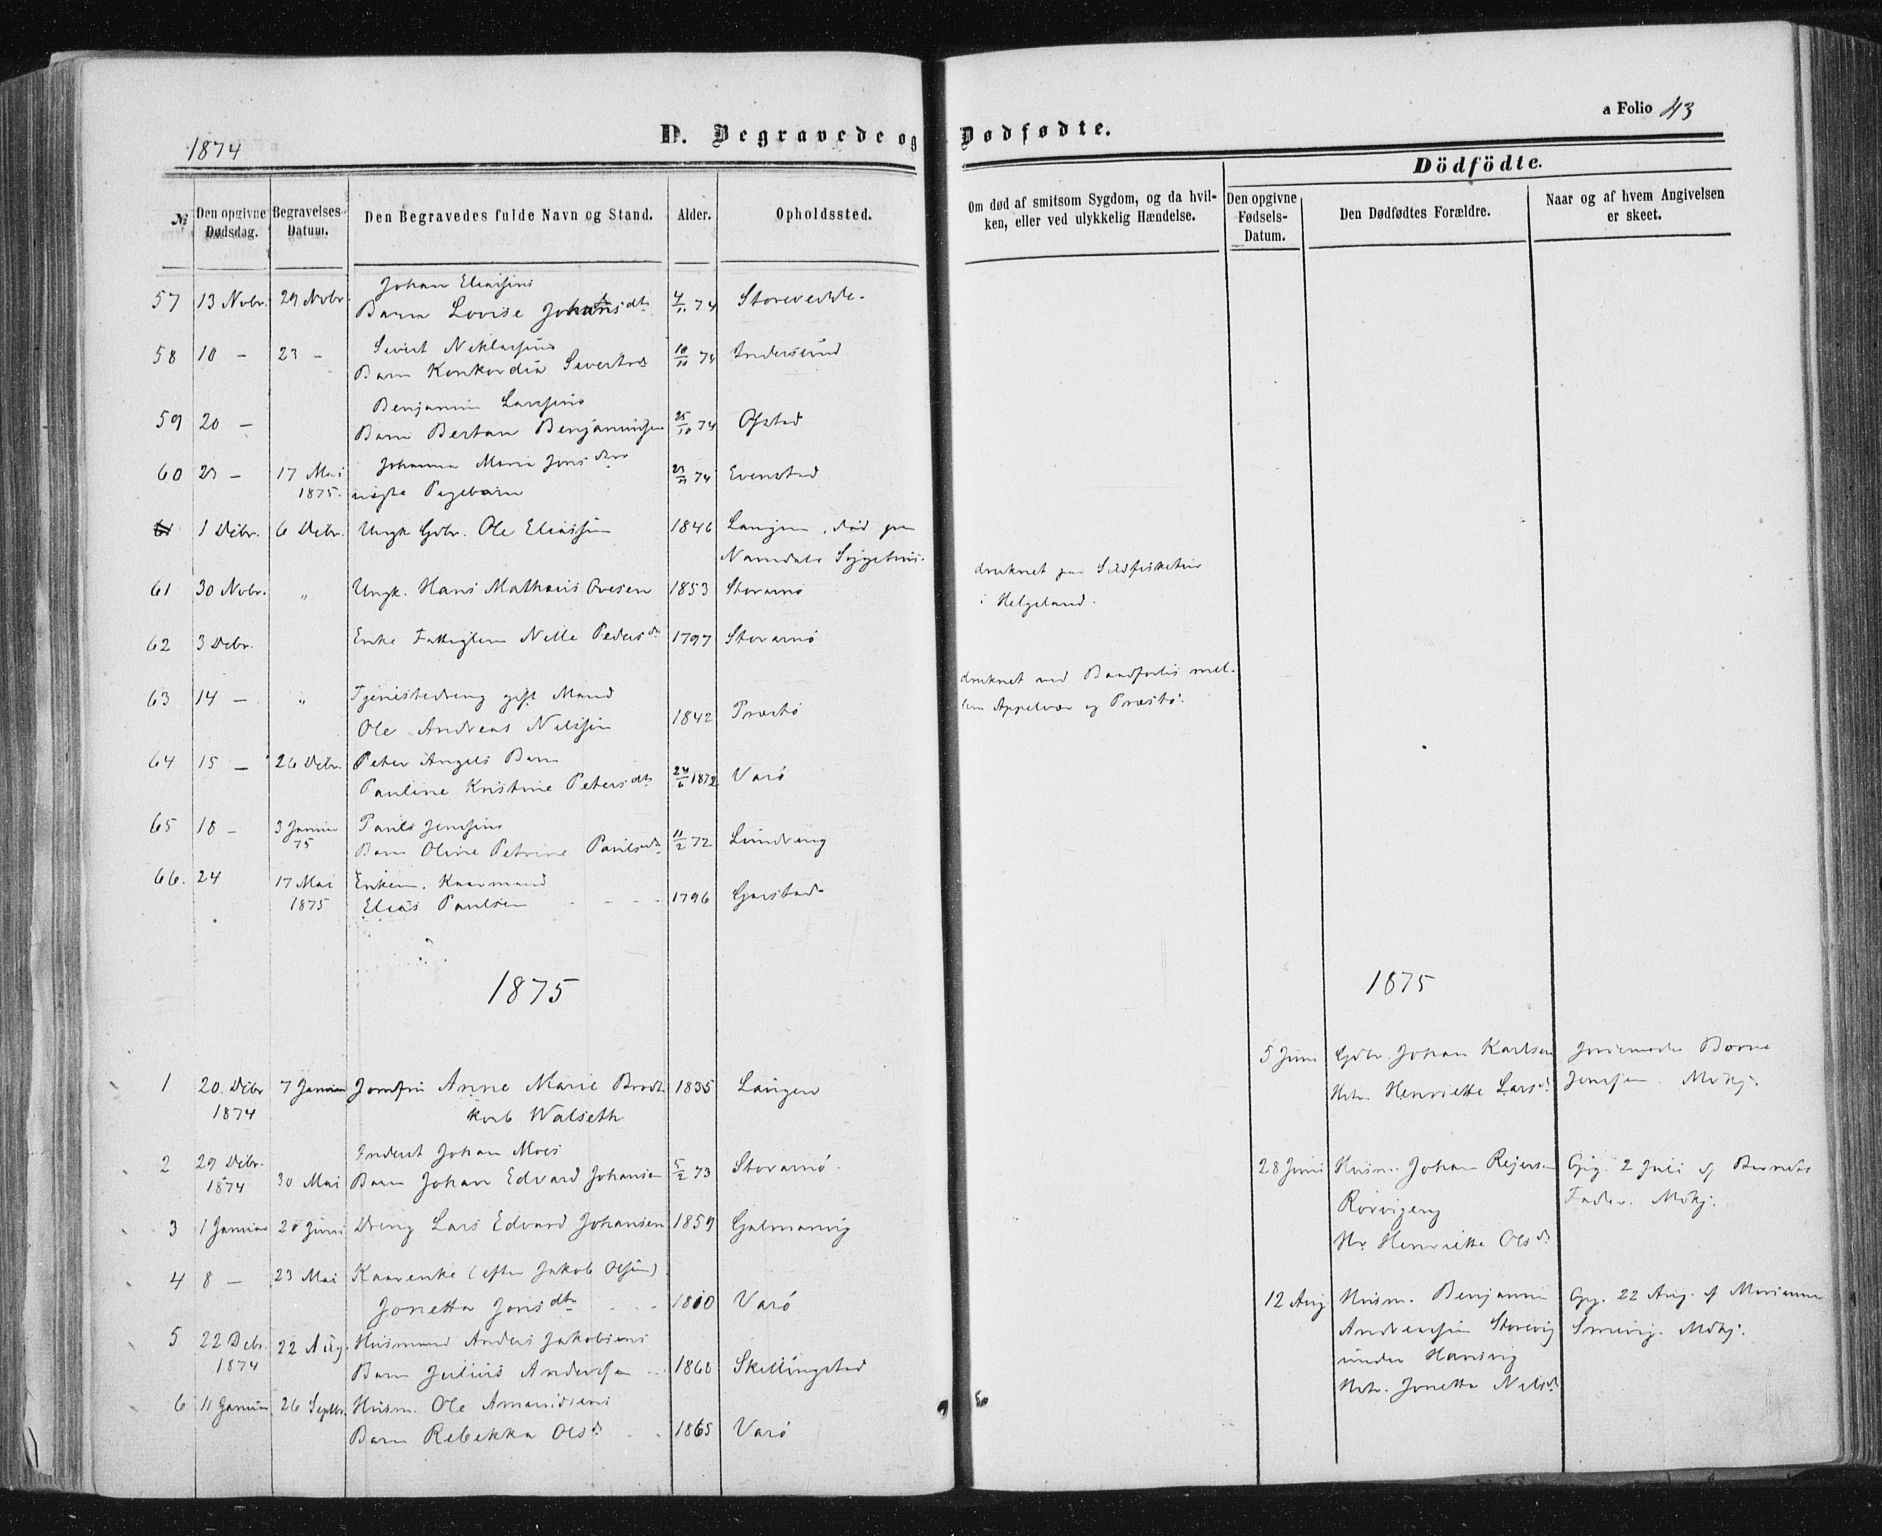 SAT, Ministerialprotokoller, klokkerbøker og fødselsregistre - Nord-Trøndelag, 784/L0670: Ministerialbok nr. 784A05, 1860-1876, s. 43